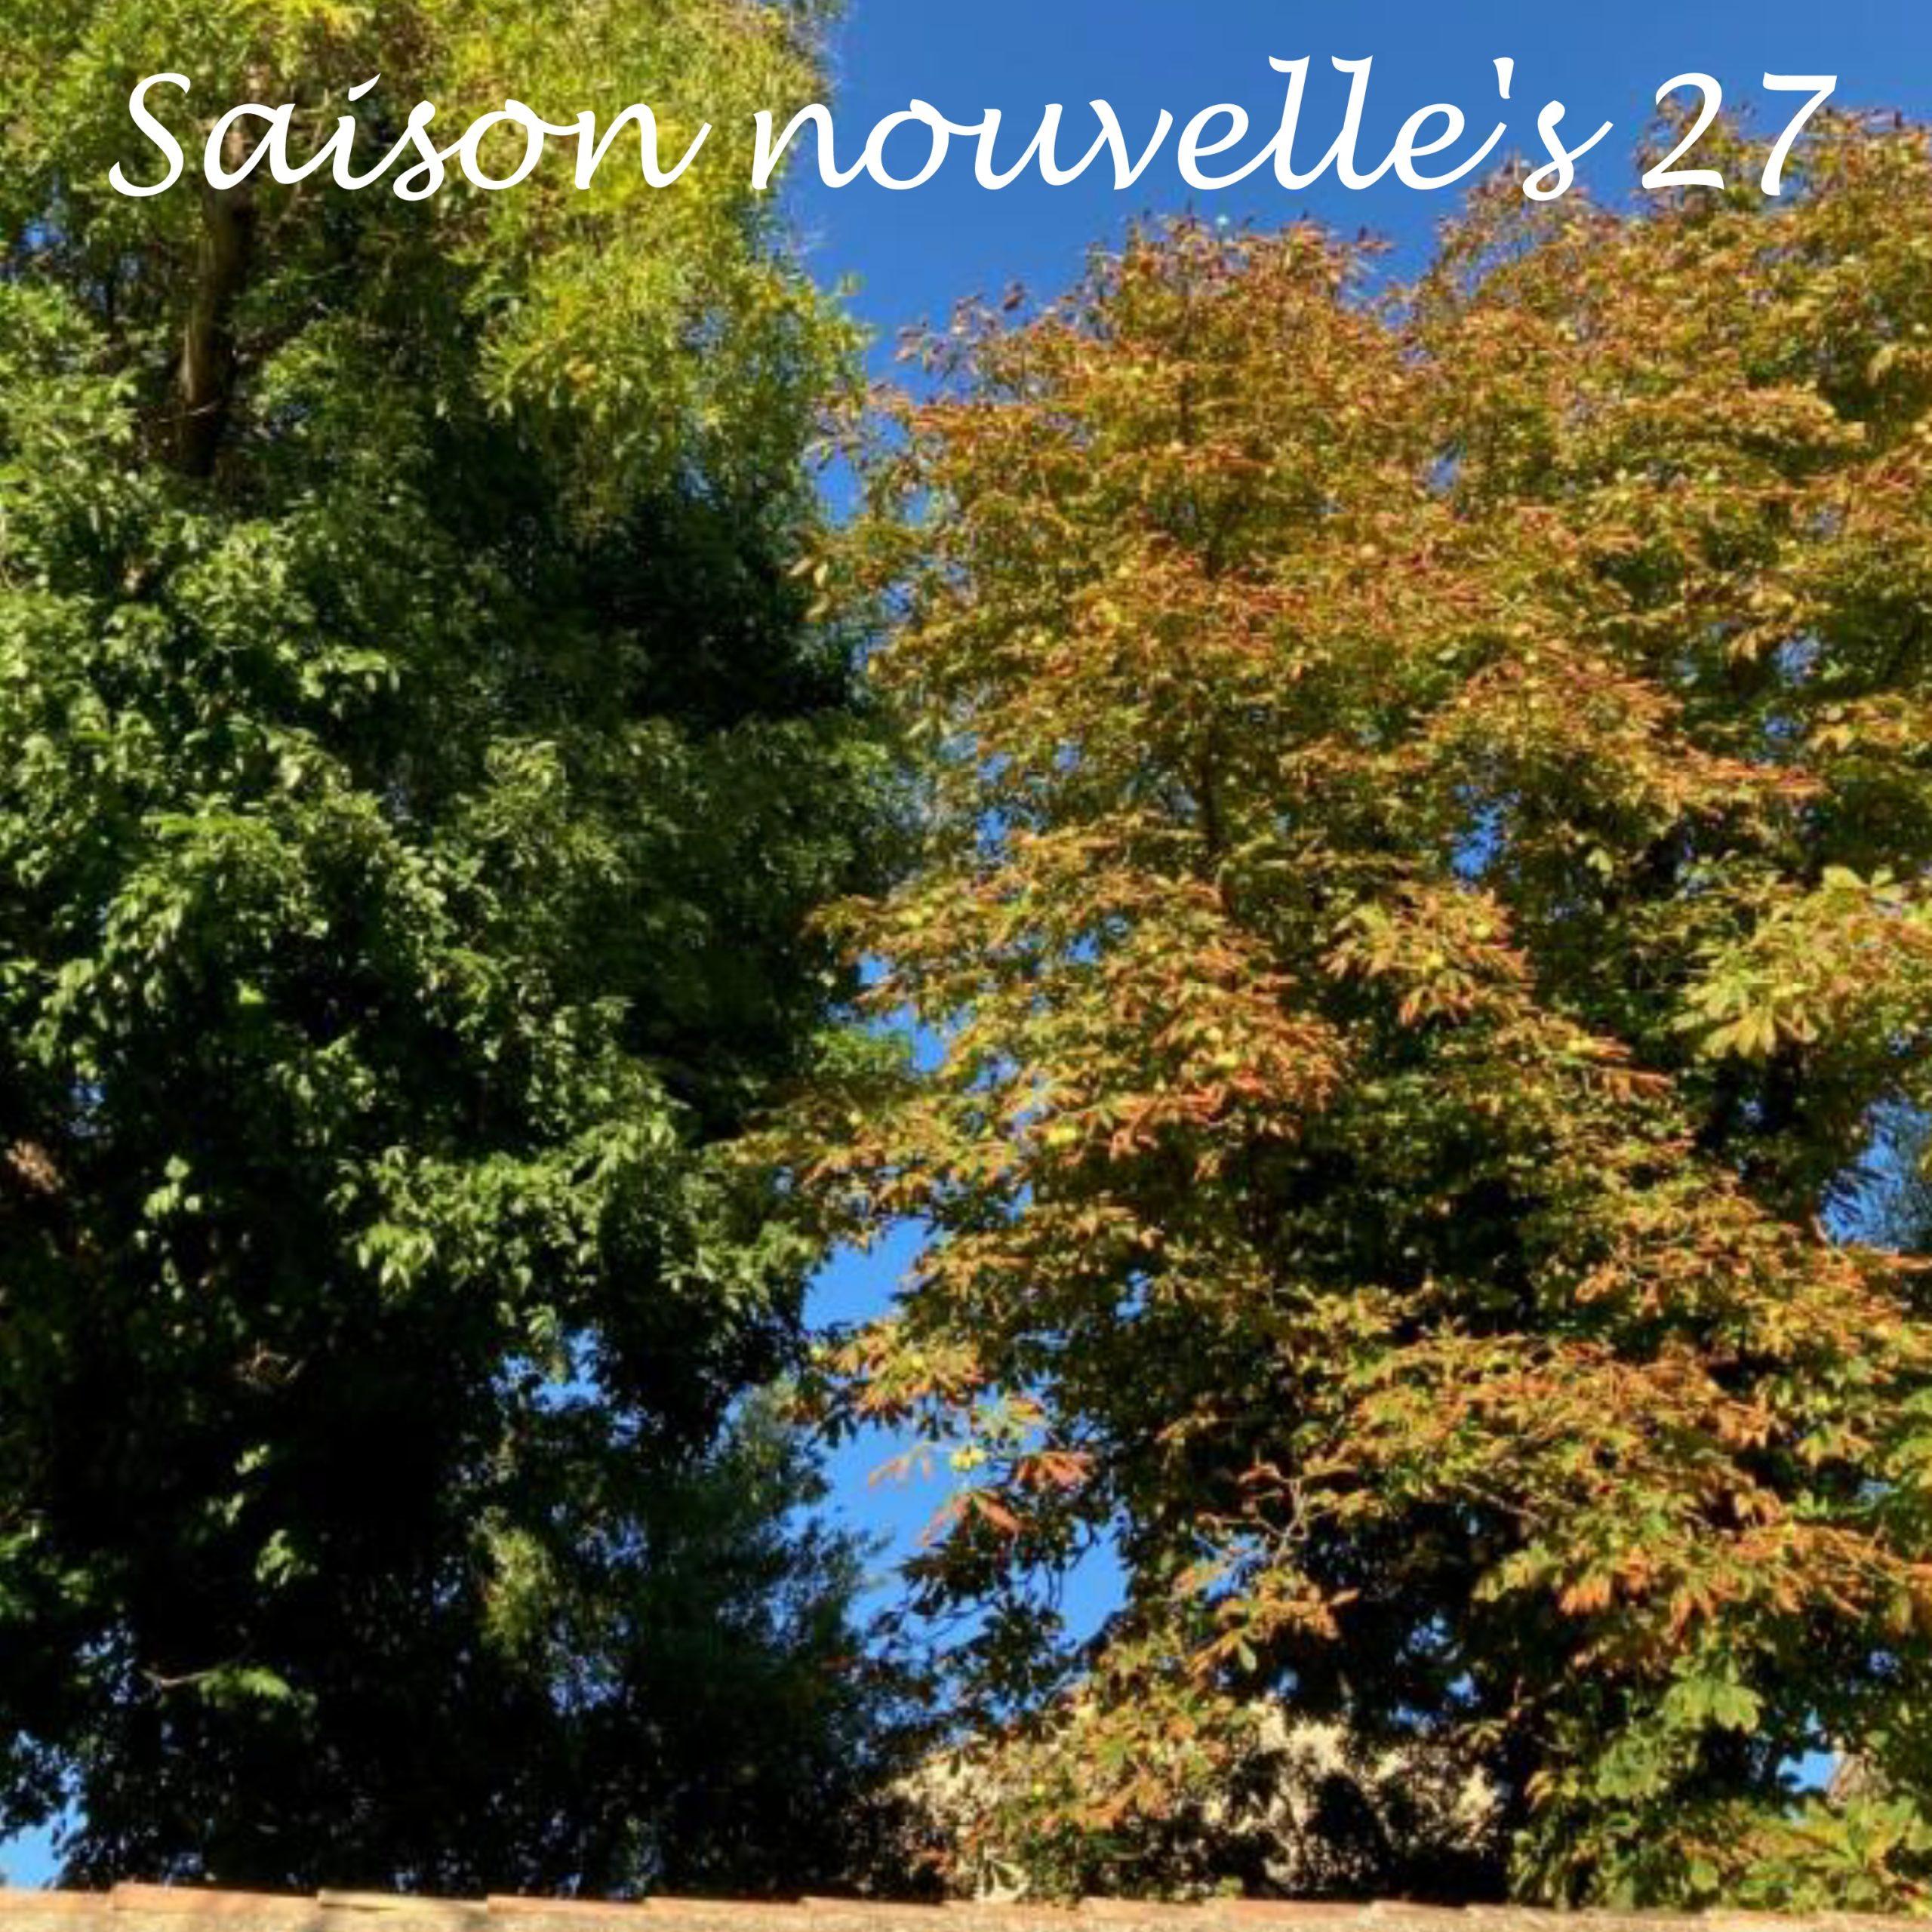 Saison Nouvelle's 27 / automne 2021